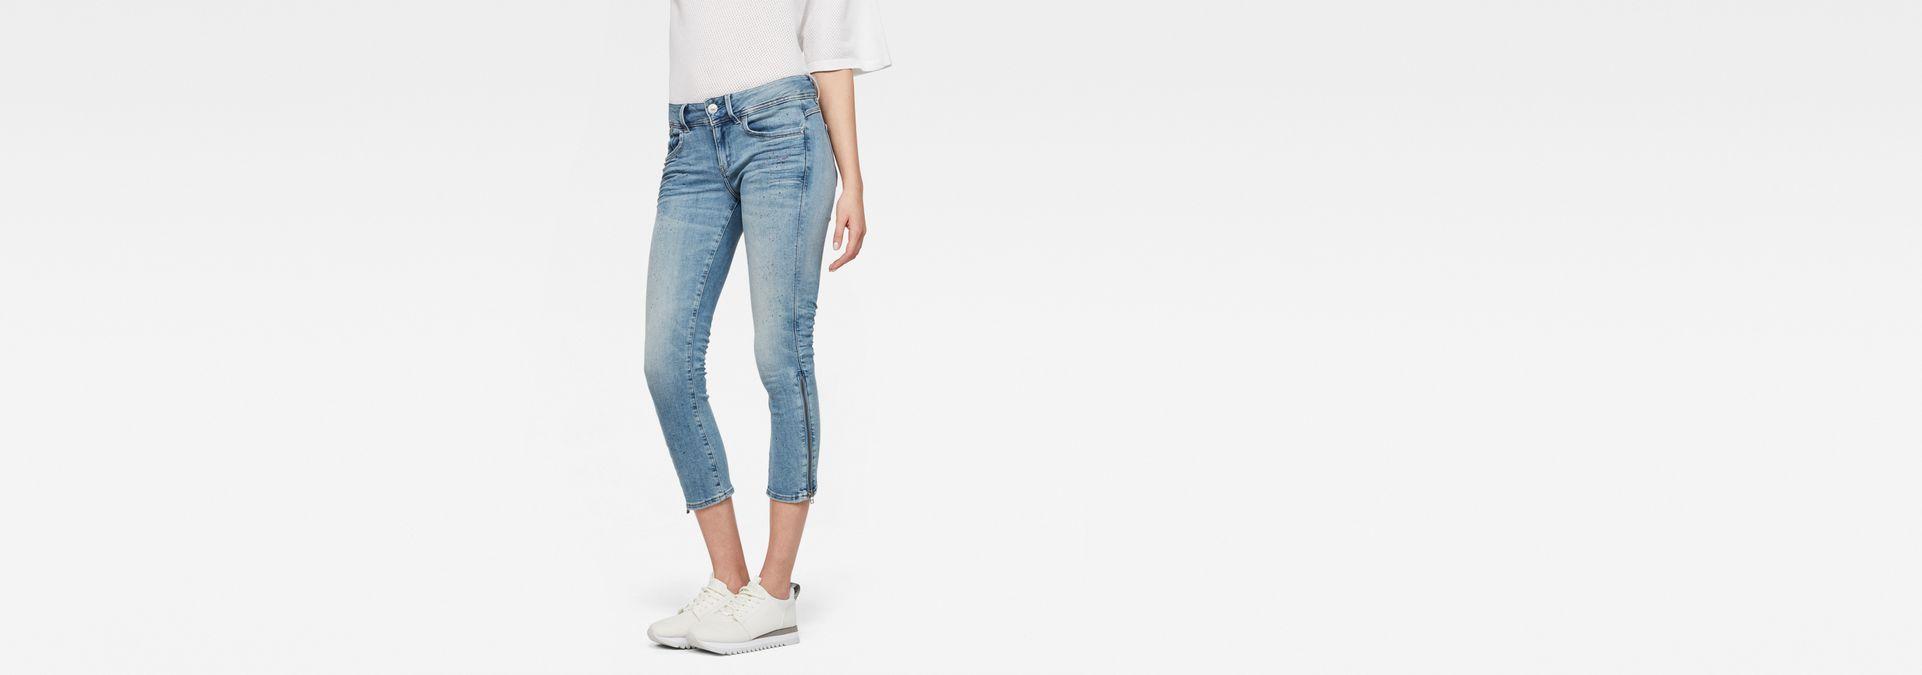 g star jeans damen high waist